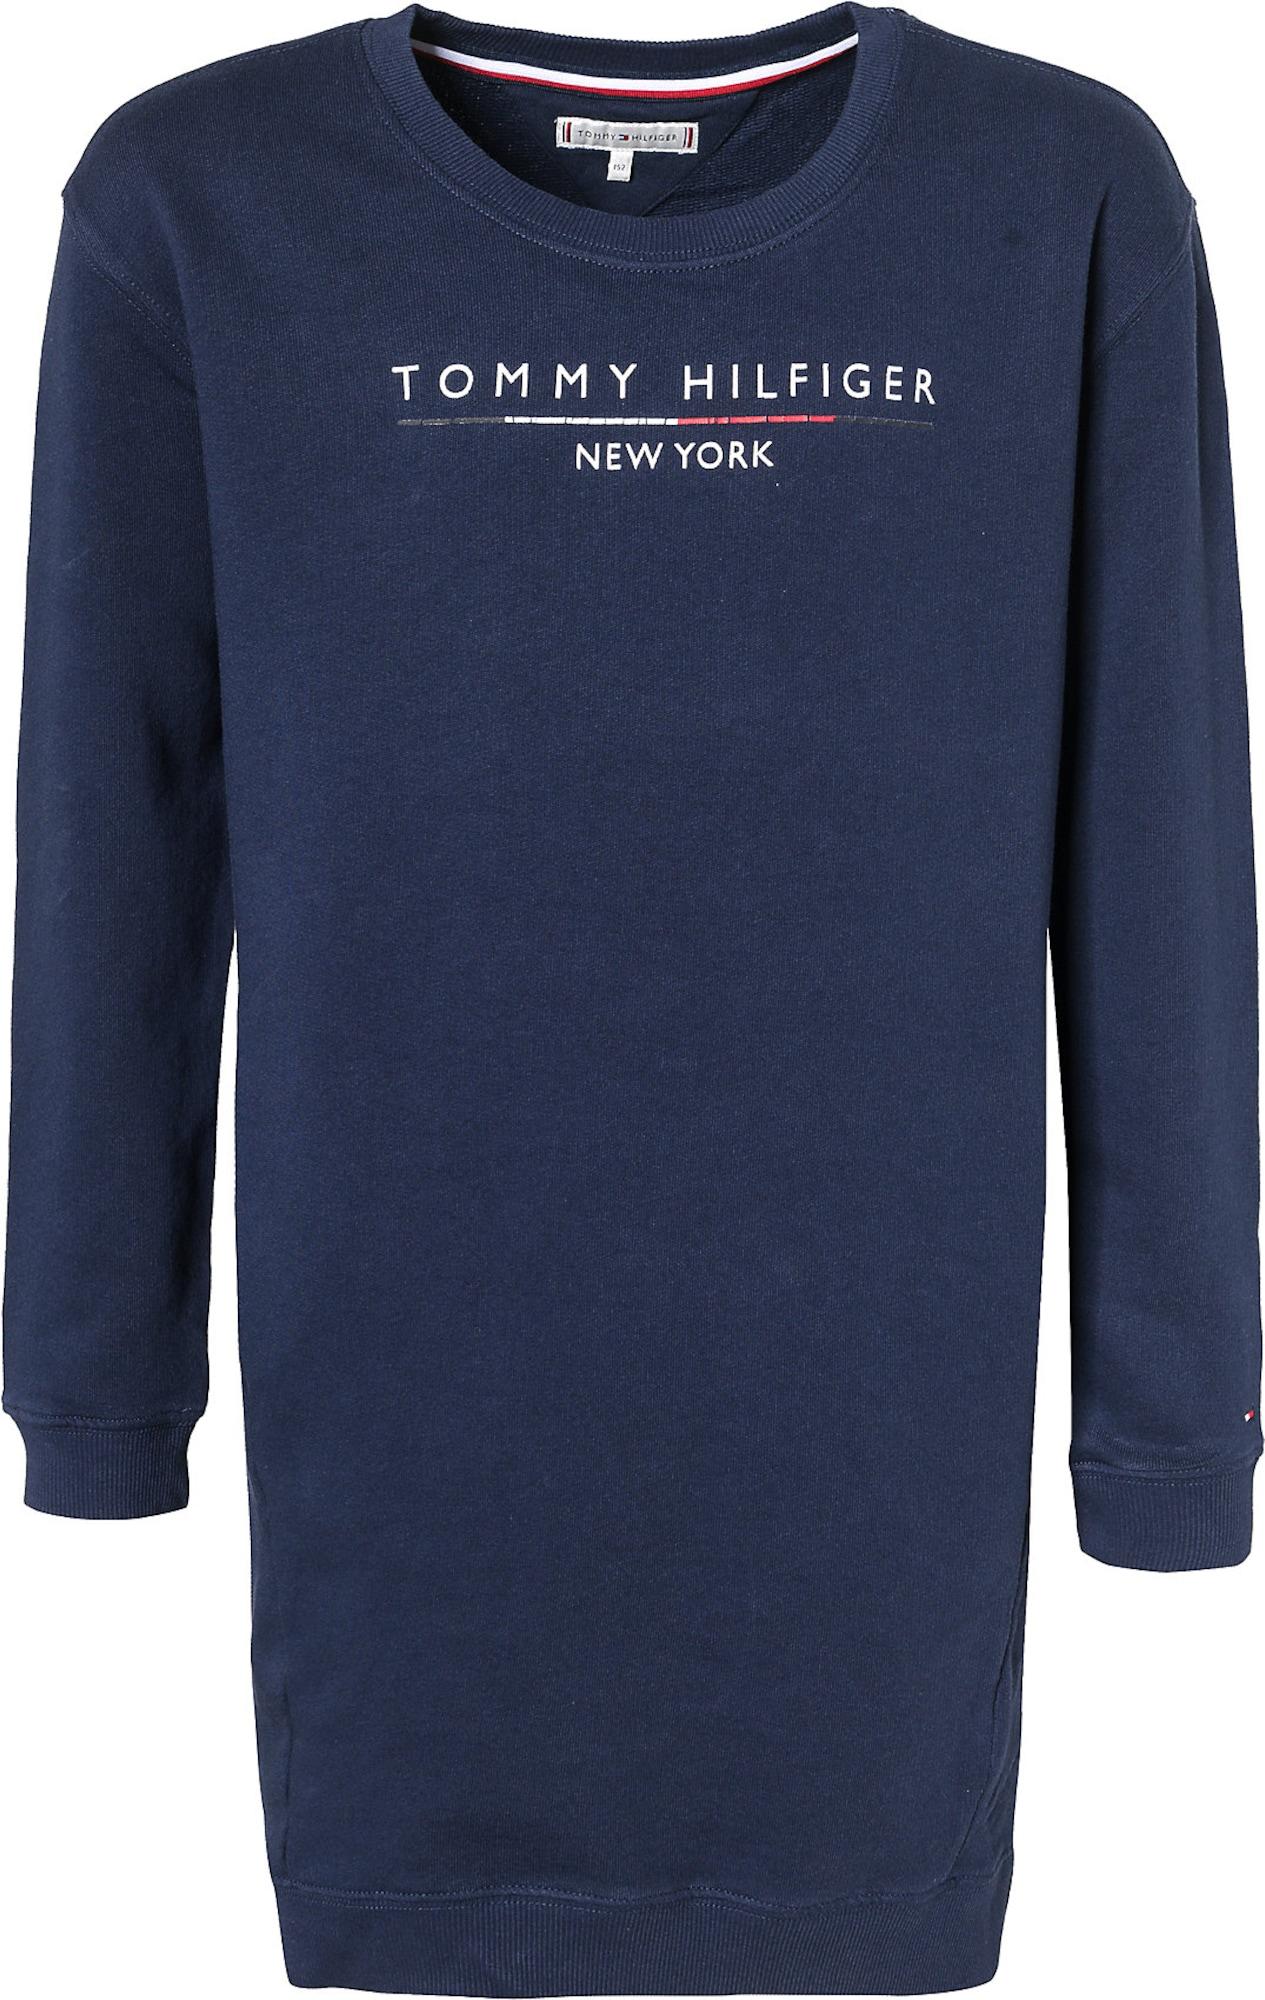 Kleoder Guru Tommy Hilfiger